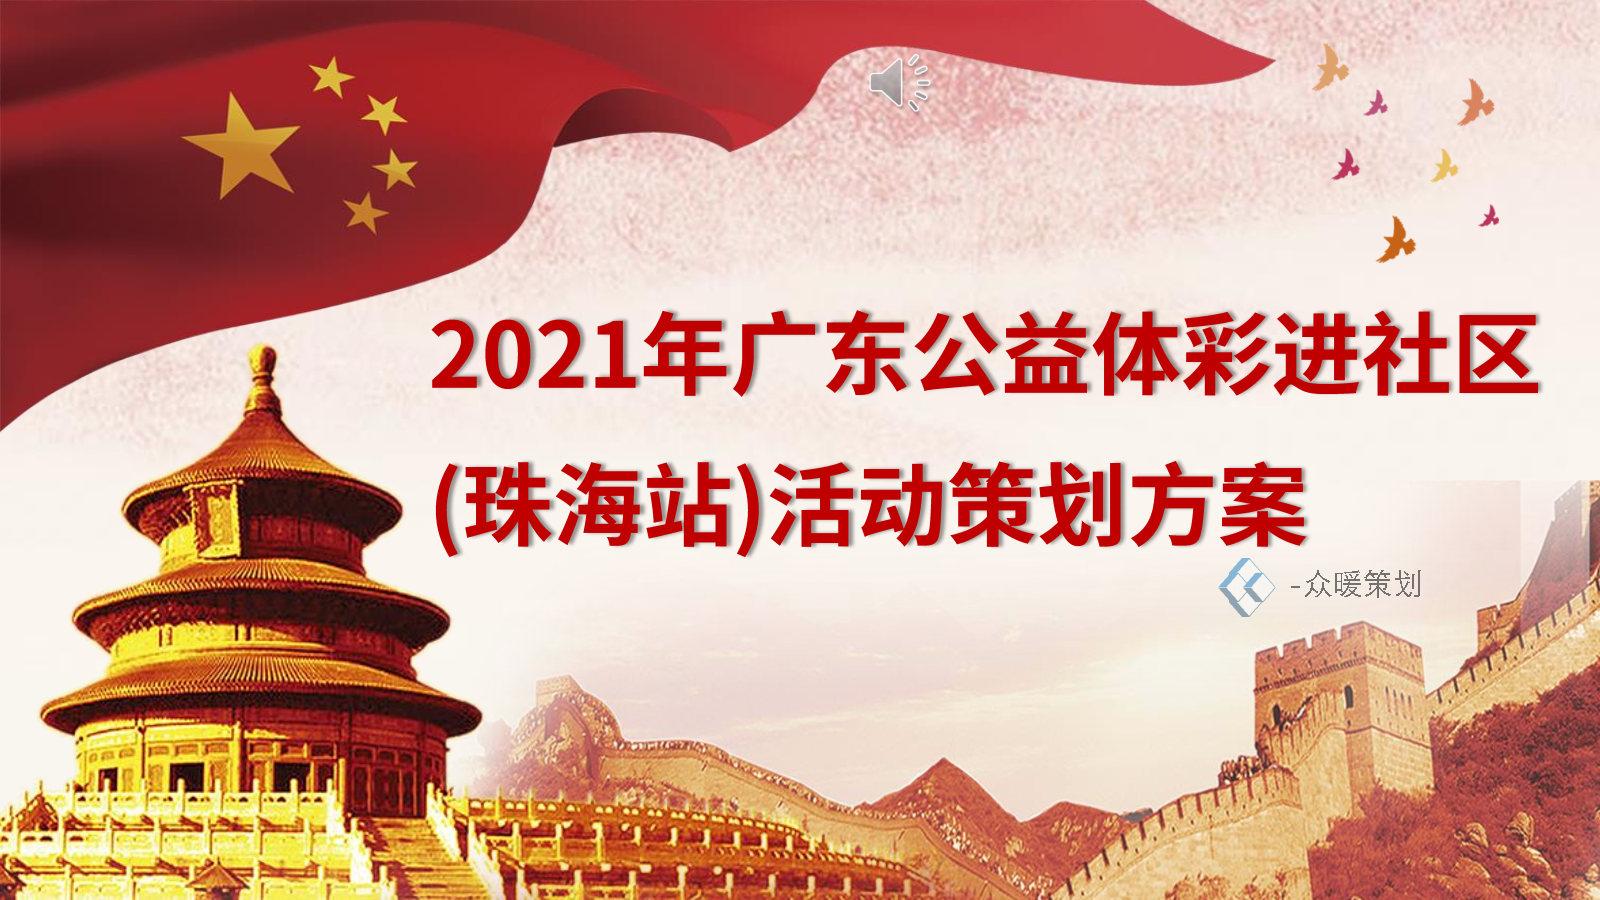 2021年广东公益体彩进社区(珠海站)活动策划方案@众暖策划_Page1.jpg